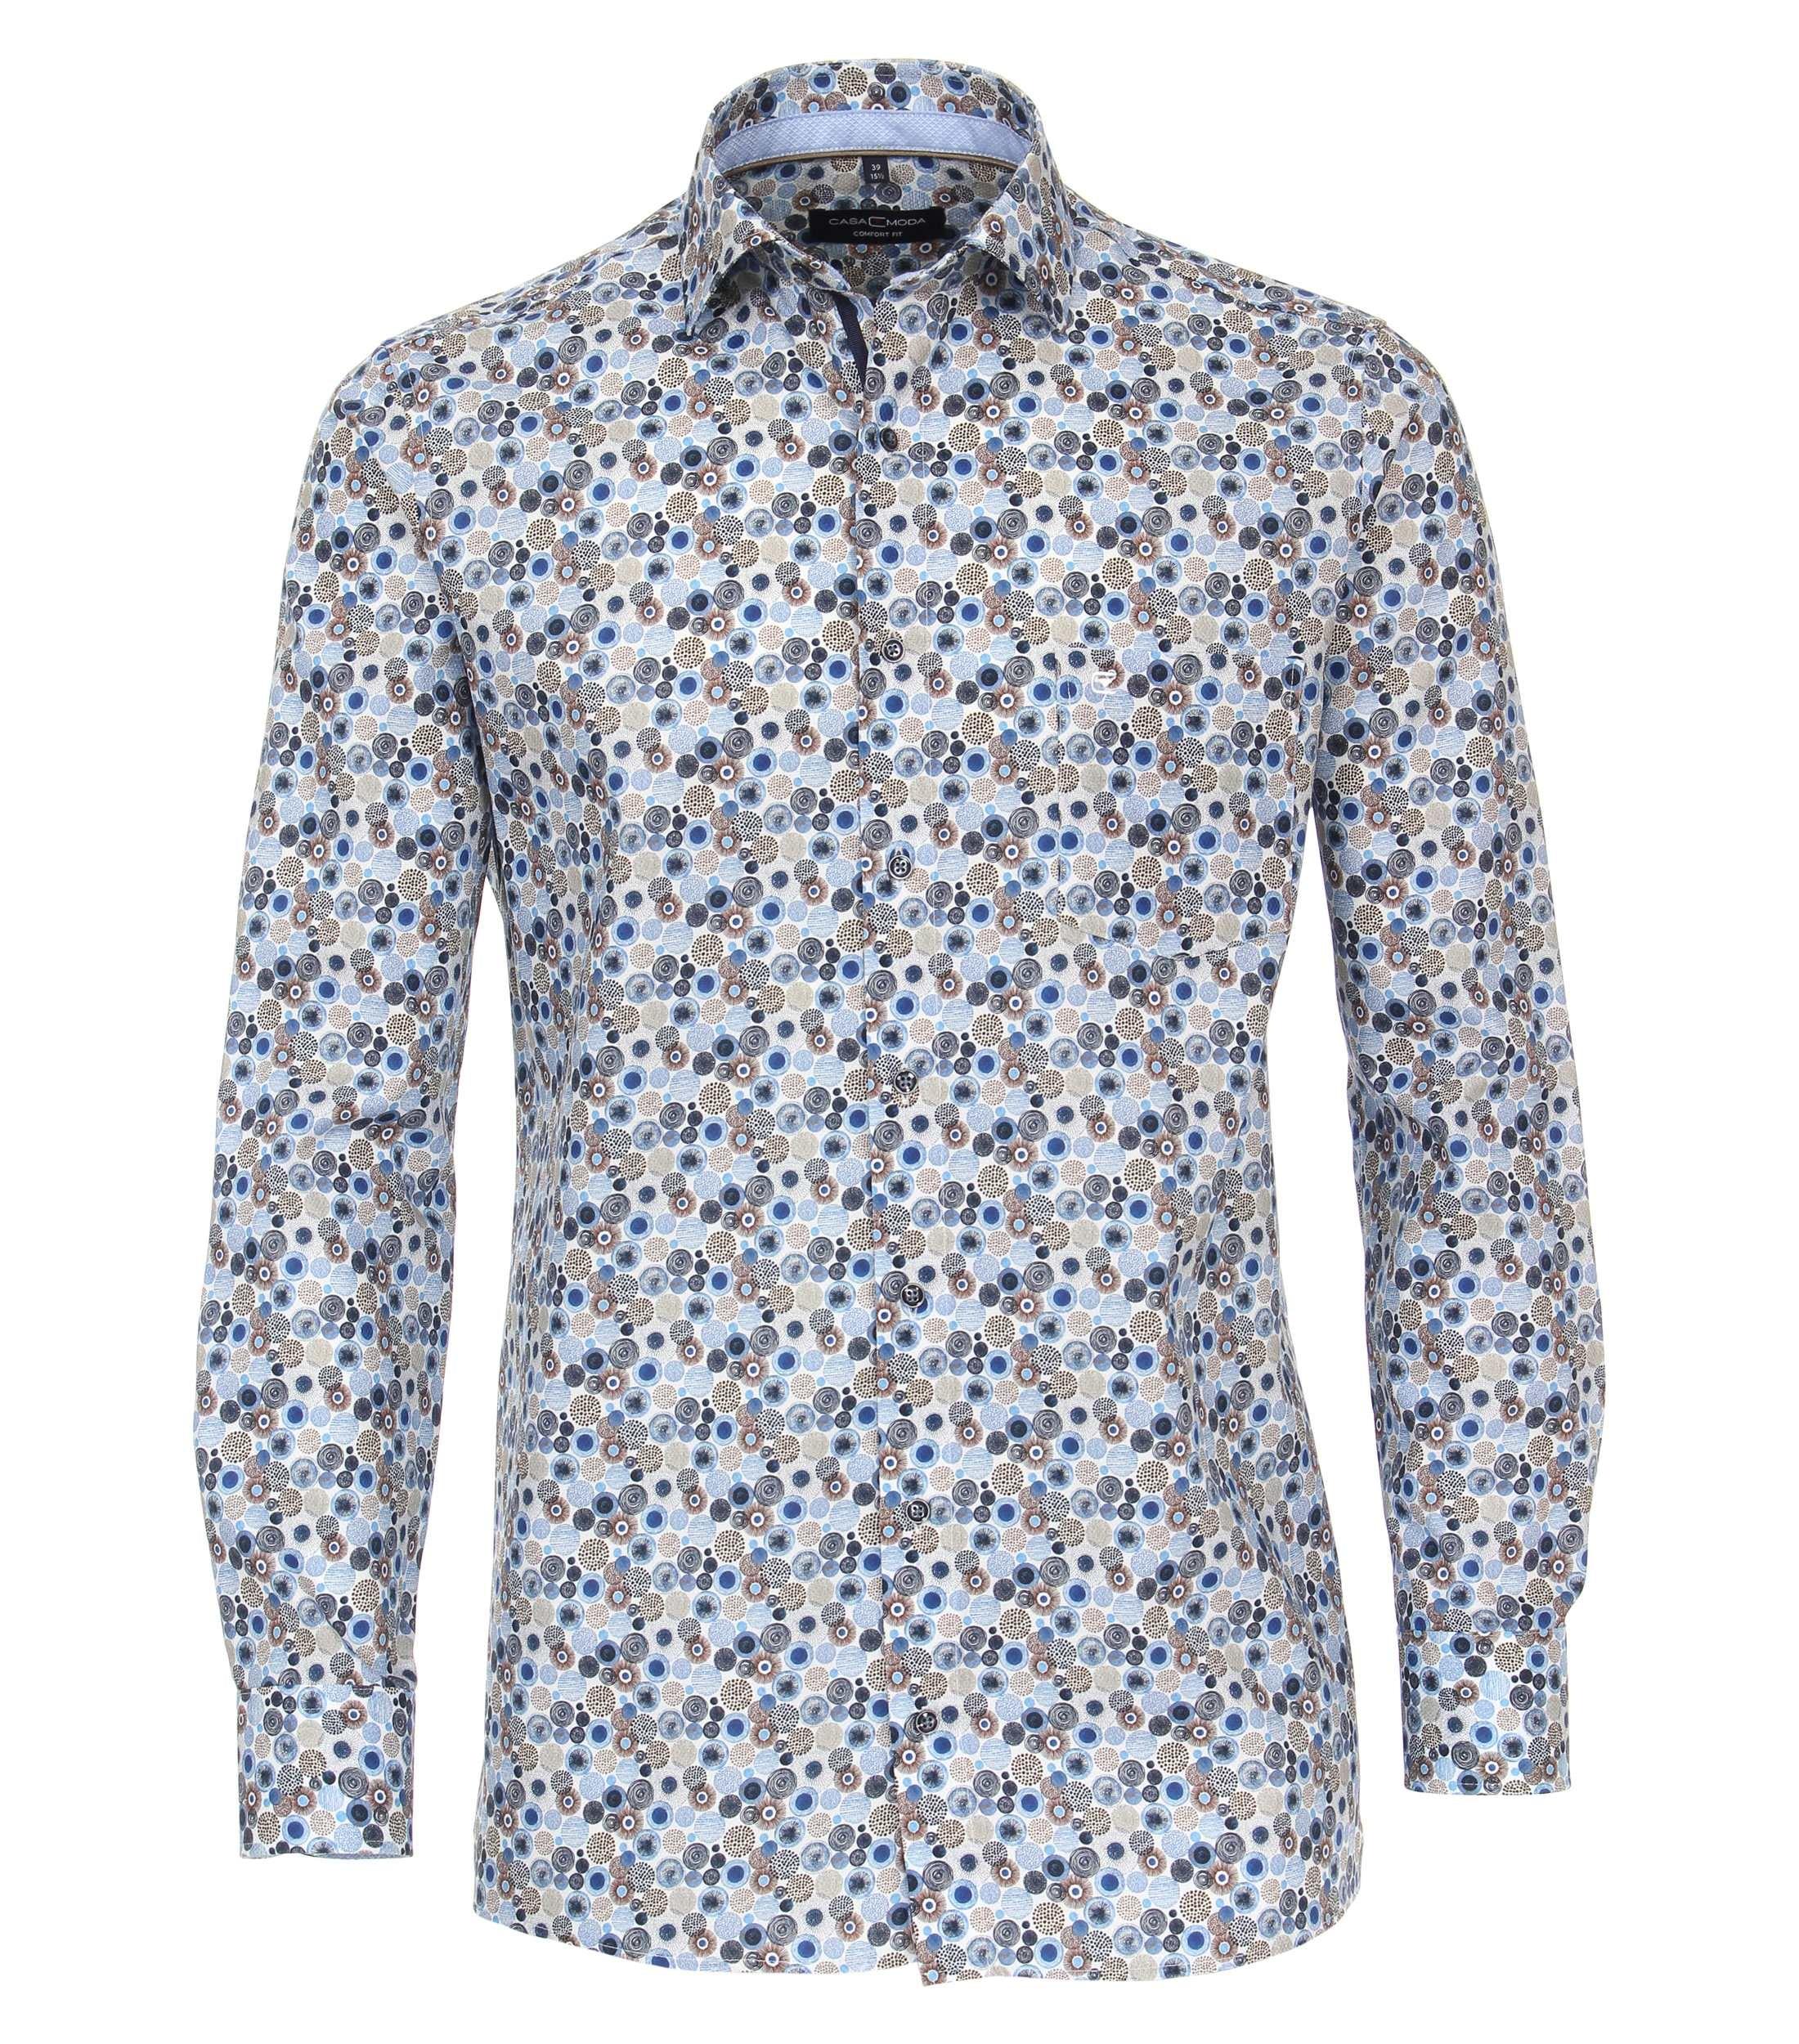 Overhemd met print van merk CASA MODA in de kleur blauw, gemaakt van 100% katoen. Dit vrijetijdsshirt met comfortabele comfort fit overtuigt door een hoog draagcomfort dankzij de pure katoen kwaliteit. De all-over print voegt modieuze accenten toe en maakt elke vrijetijdslook stijlvol af. Een echte must have voor de modebewuste man. Combineer hem comfortabel met jeans of chino's en begin de dag in stijl.